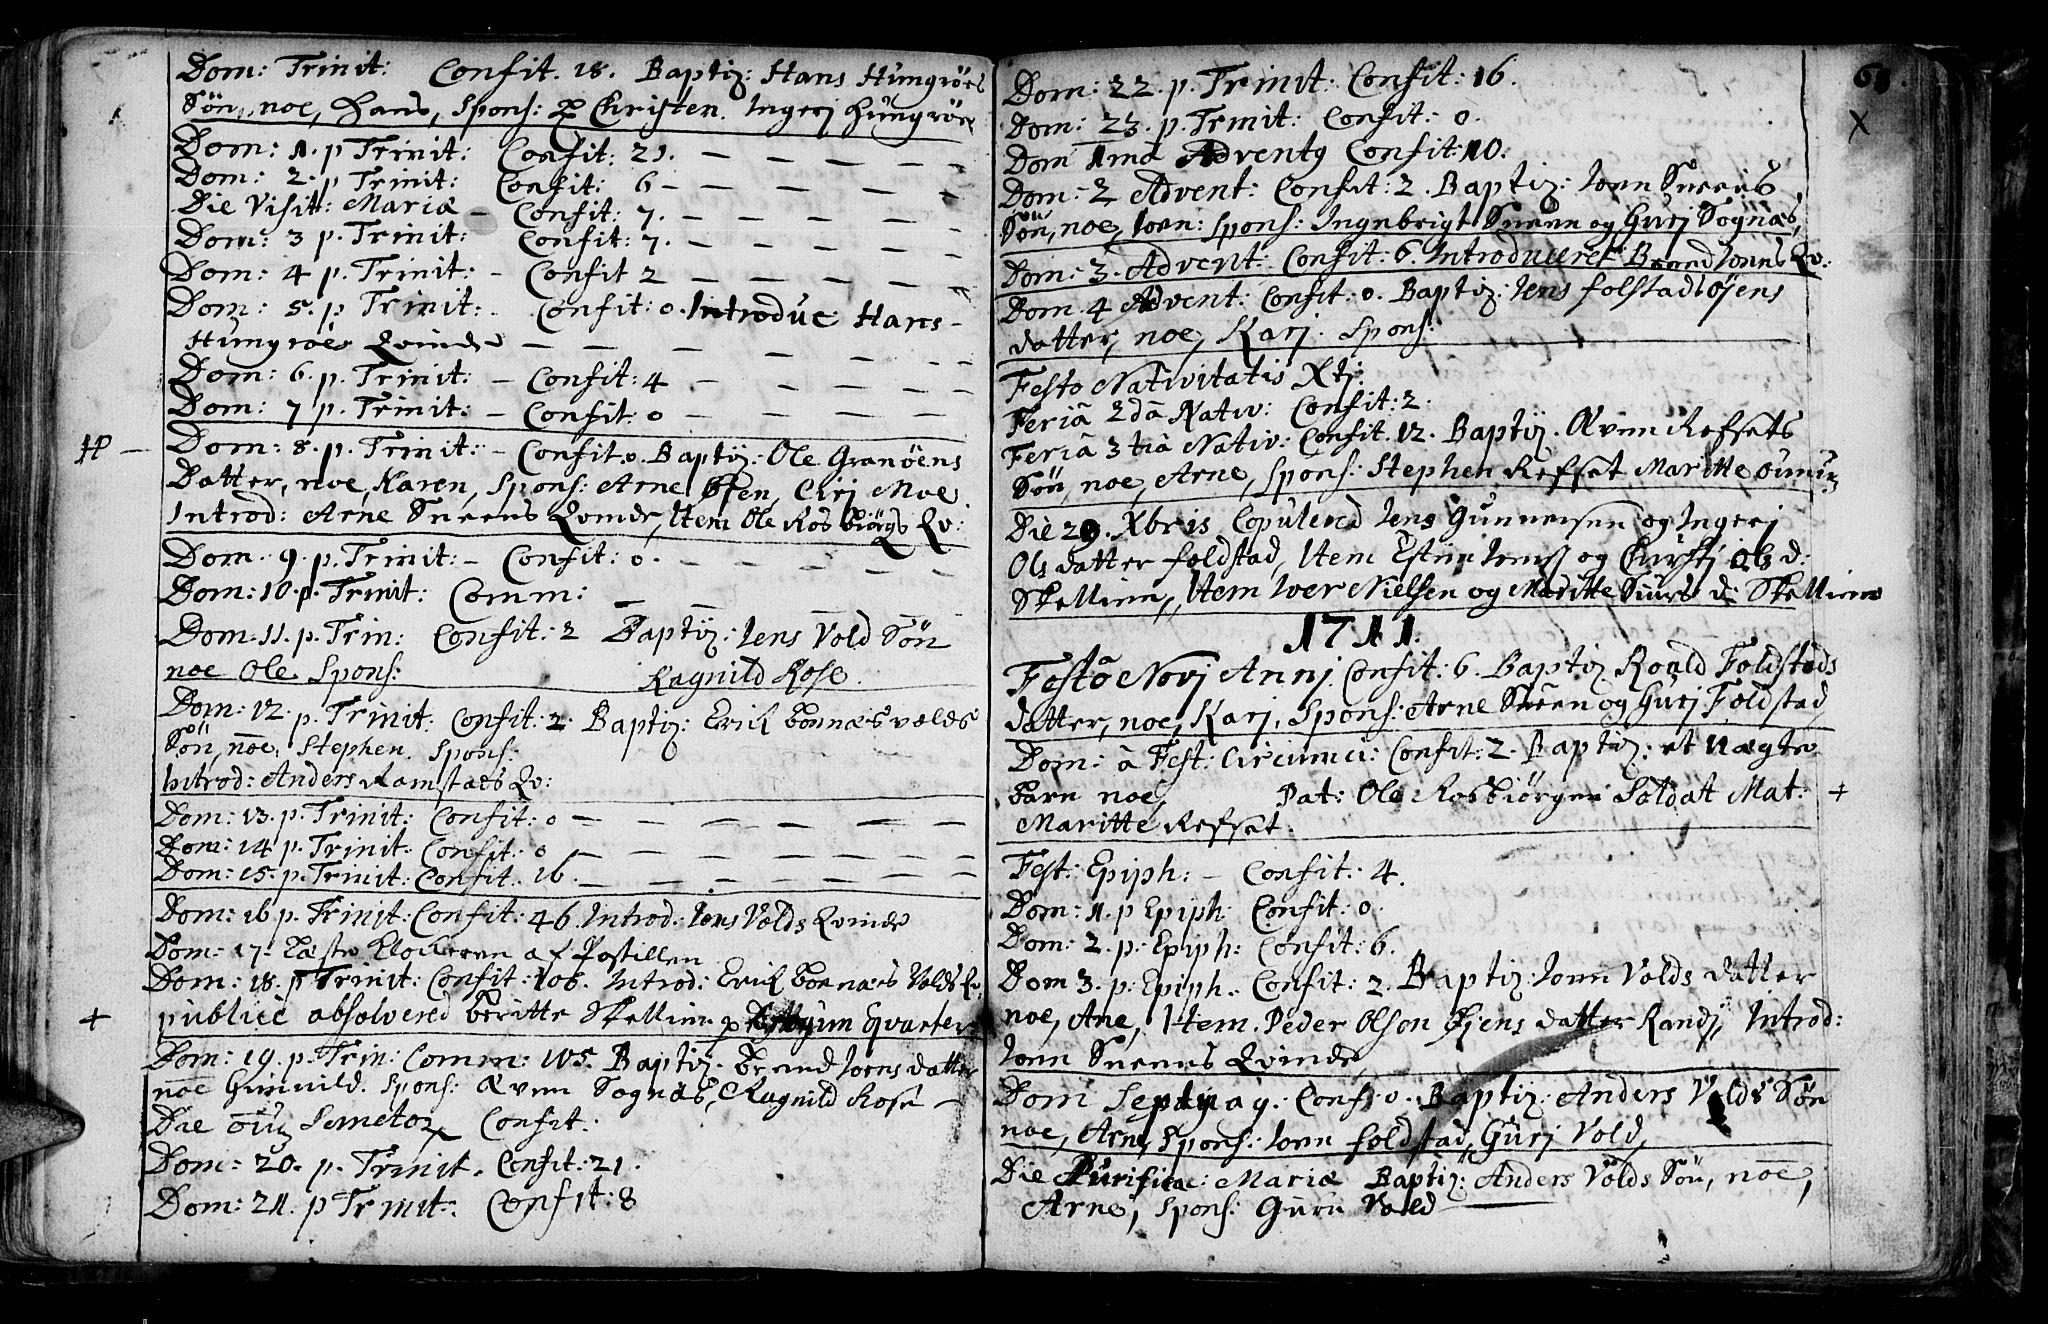 SAT, Ministerialprotokoller, klokkerbøker og fødselsregistre - Sør-Trøndelag, 687/L0990: Ministerialbok nr. 687A01, 1690-1746, s. 68